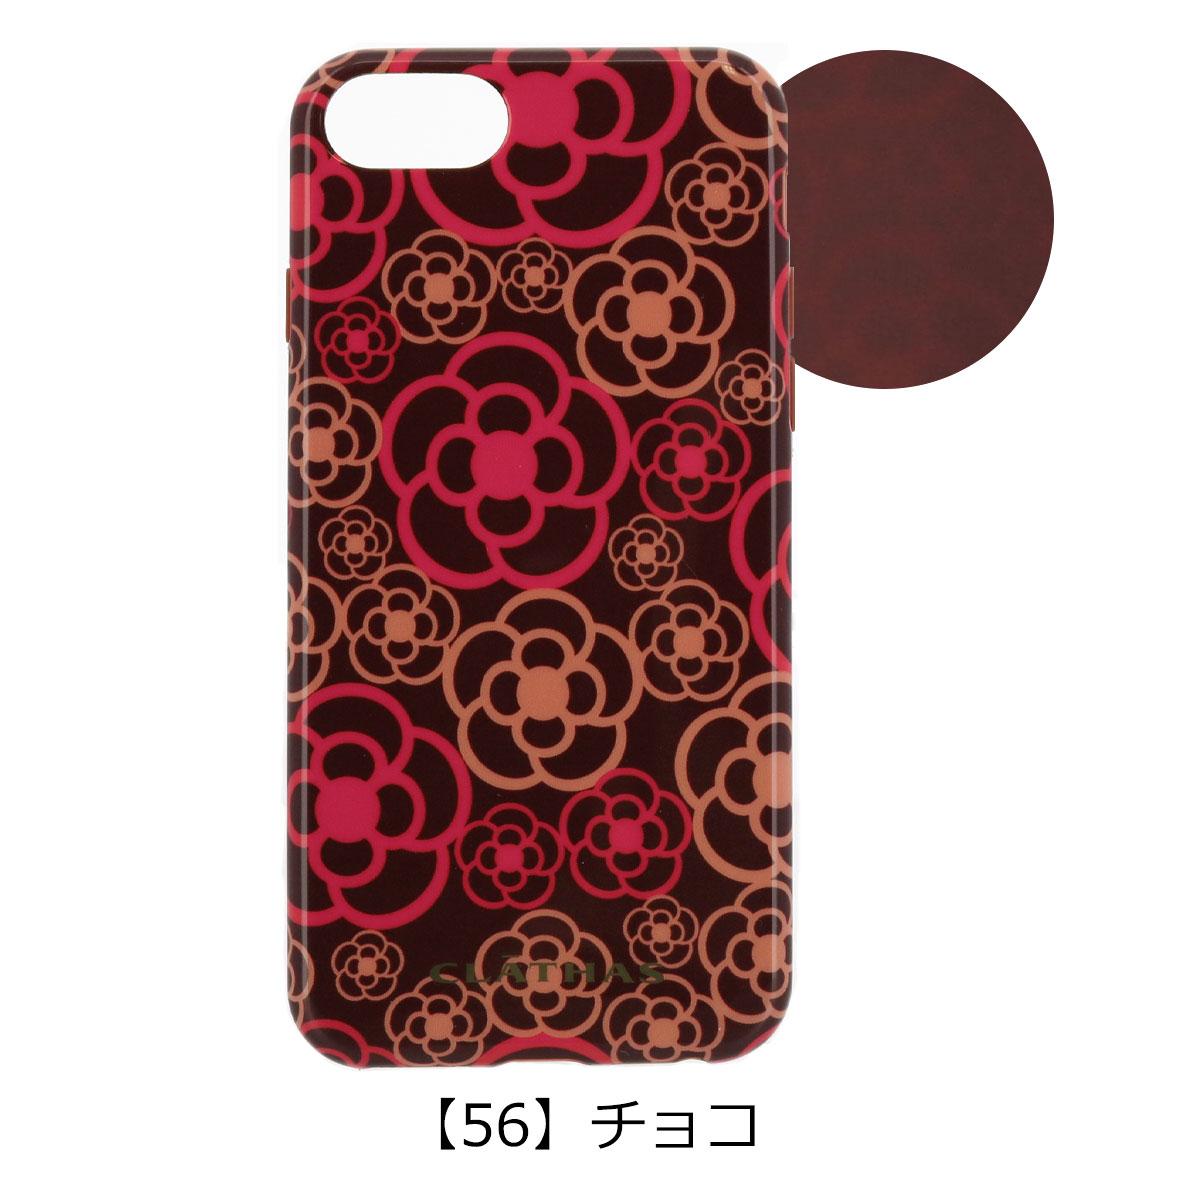 【56】チョコ